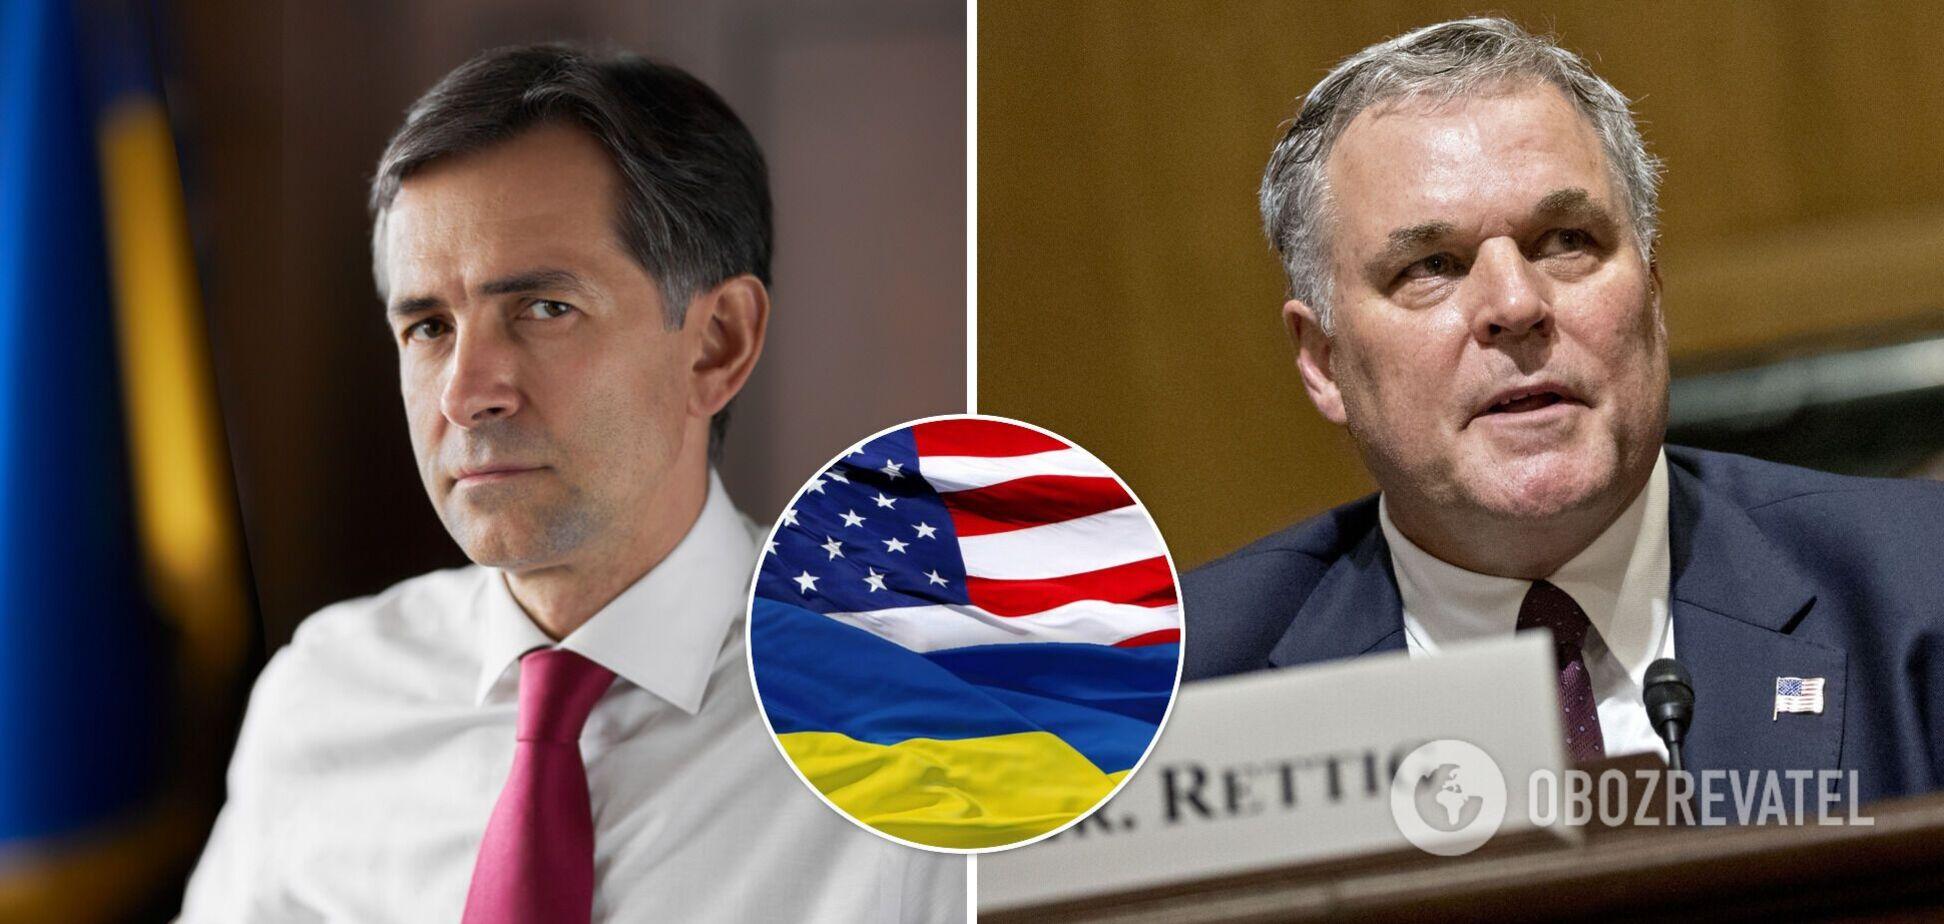 Украина и США усилят взаимодействие между налоговыми органами стран: Любченко рассказал о деталях встречи